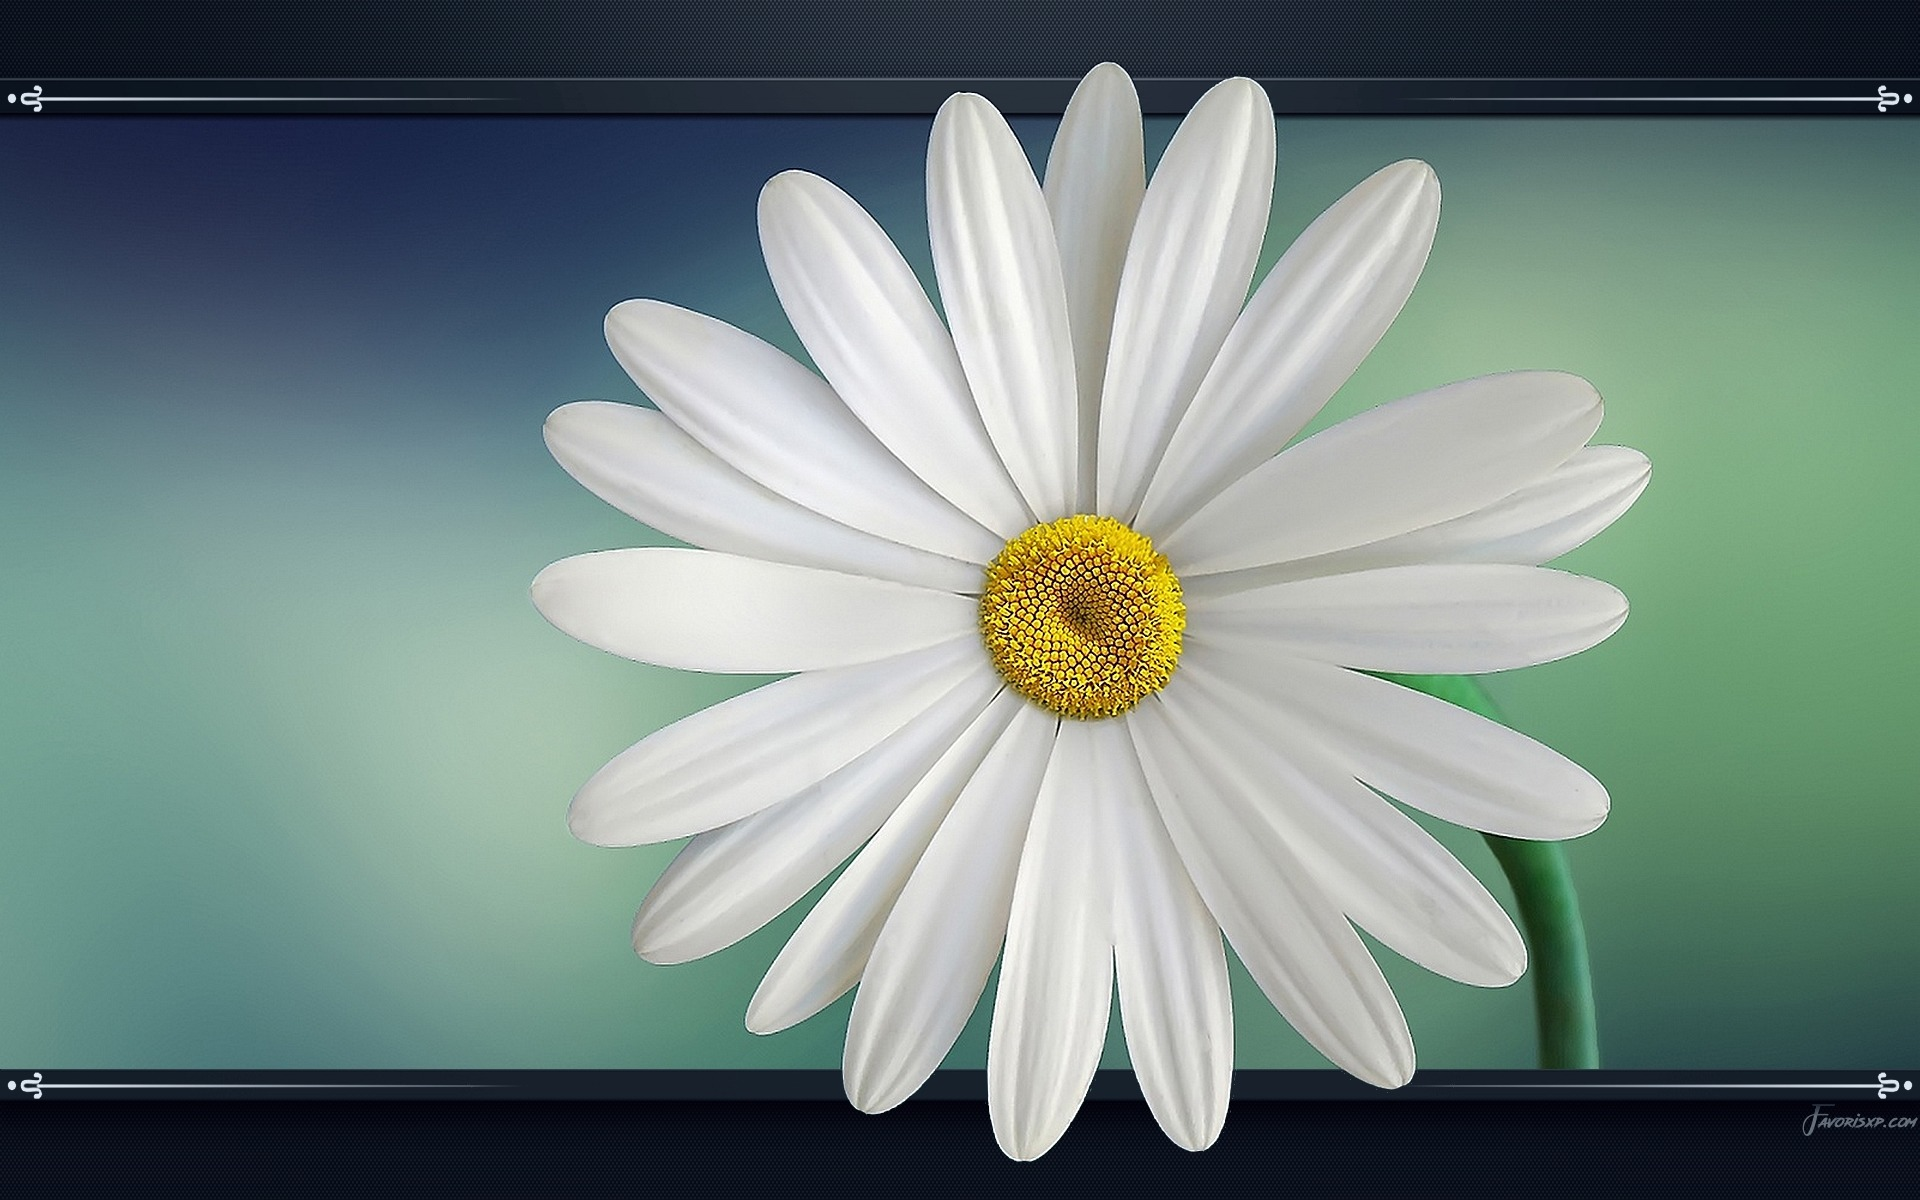 fleurs fonds d u0026 39  u00e9cran - image arri u00e8re-plan